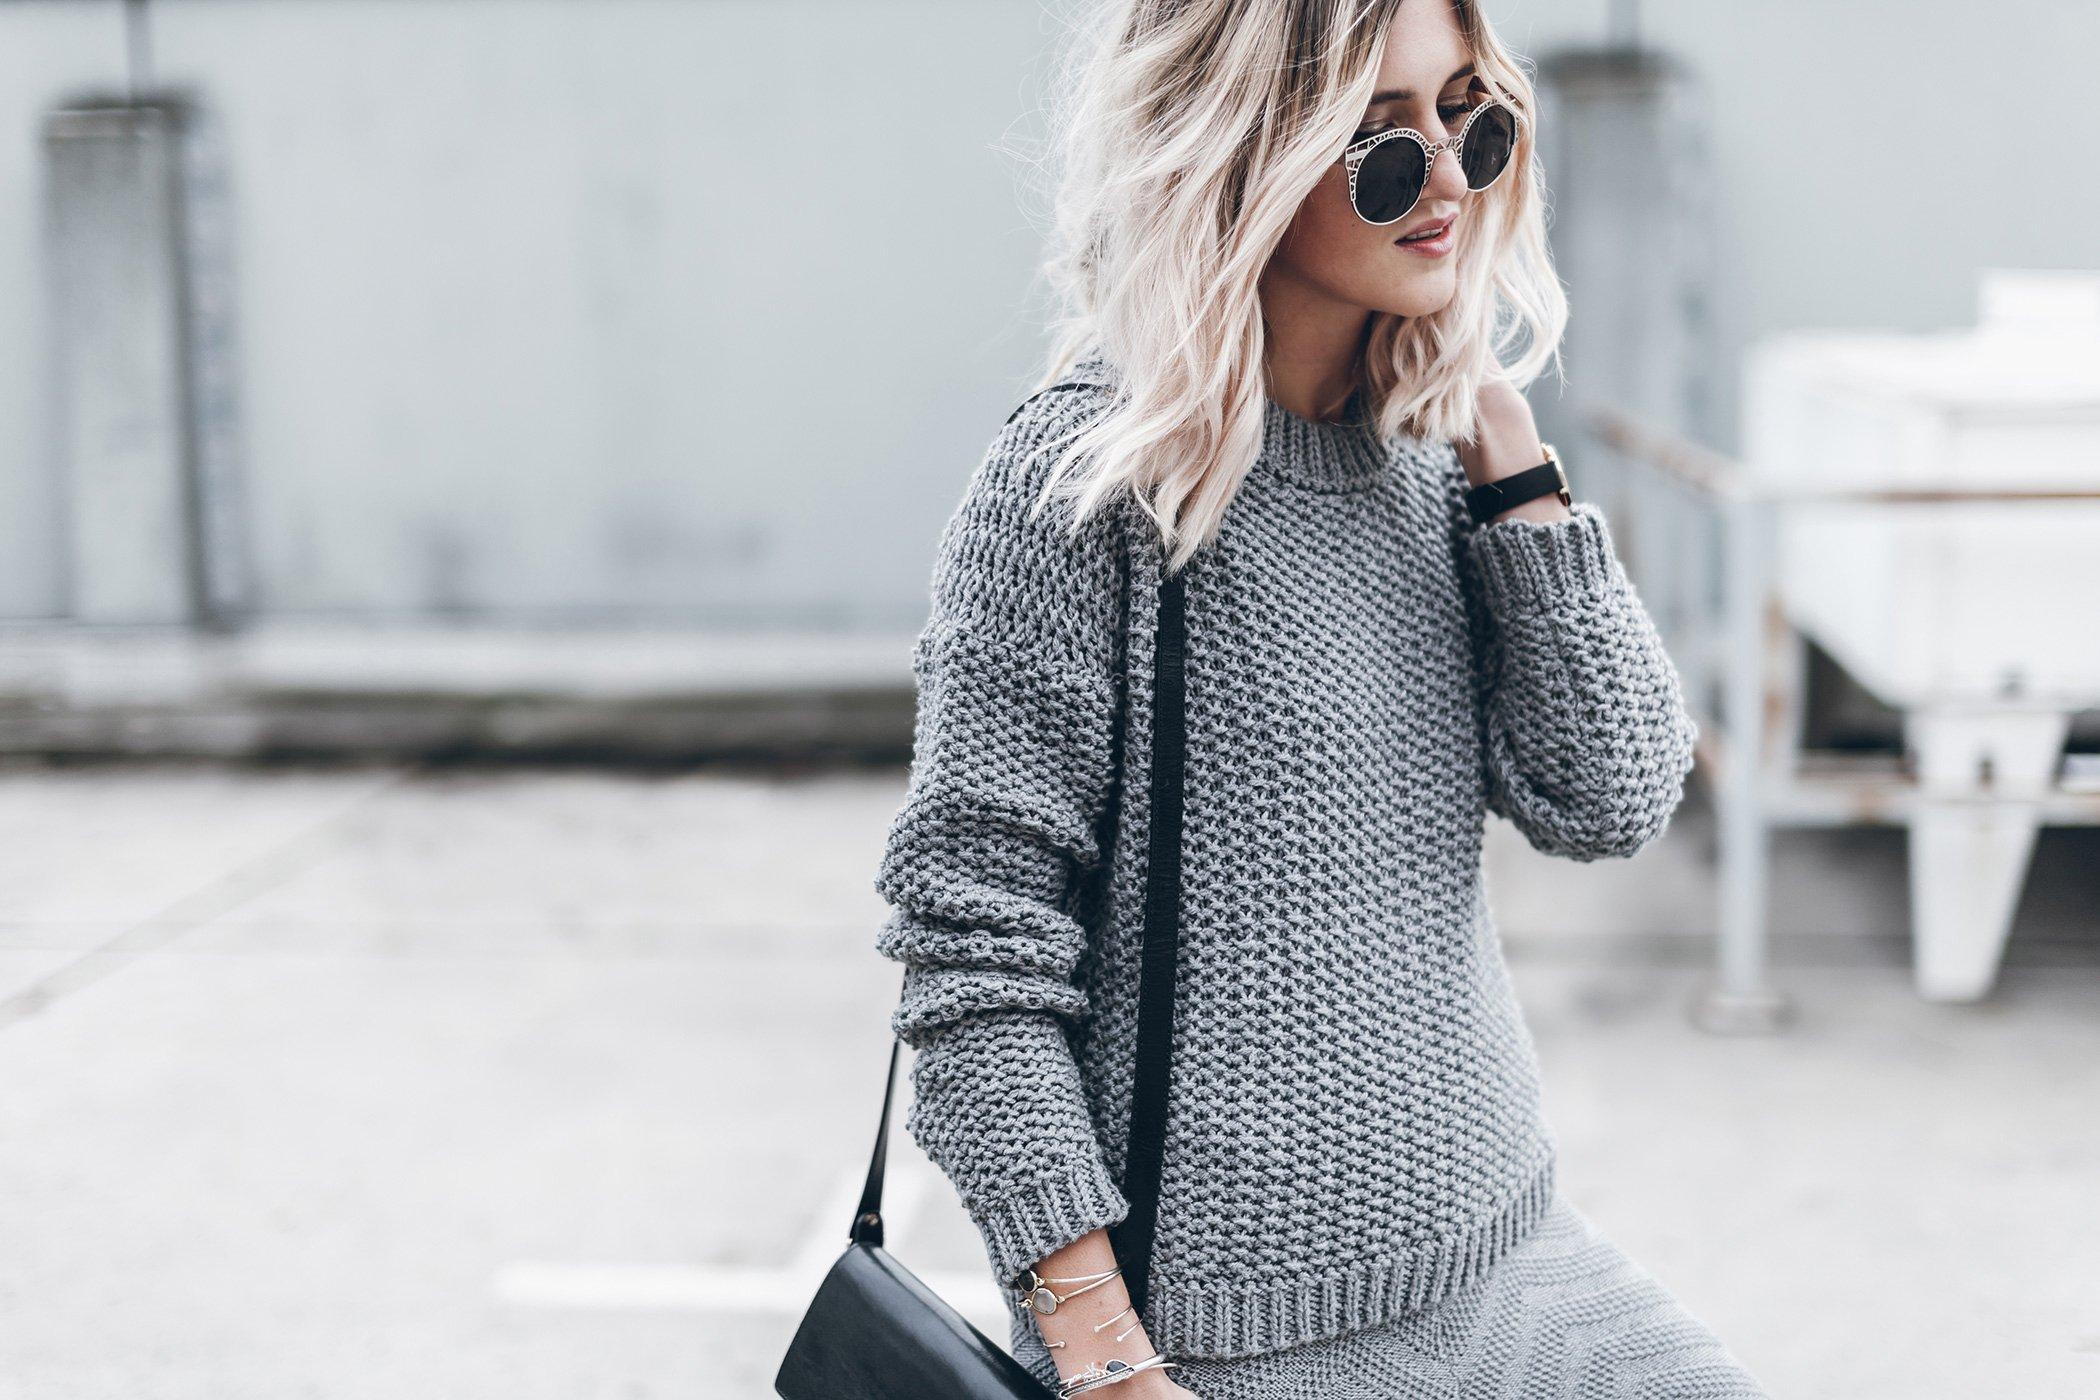 mikuta-vivian-graf-grey-knit-18a